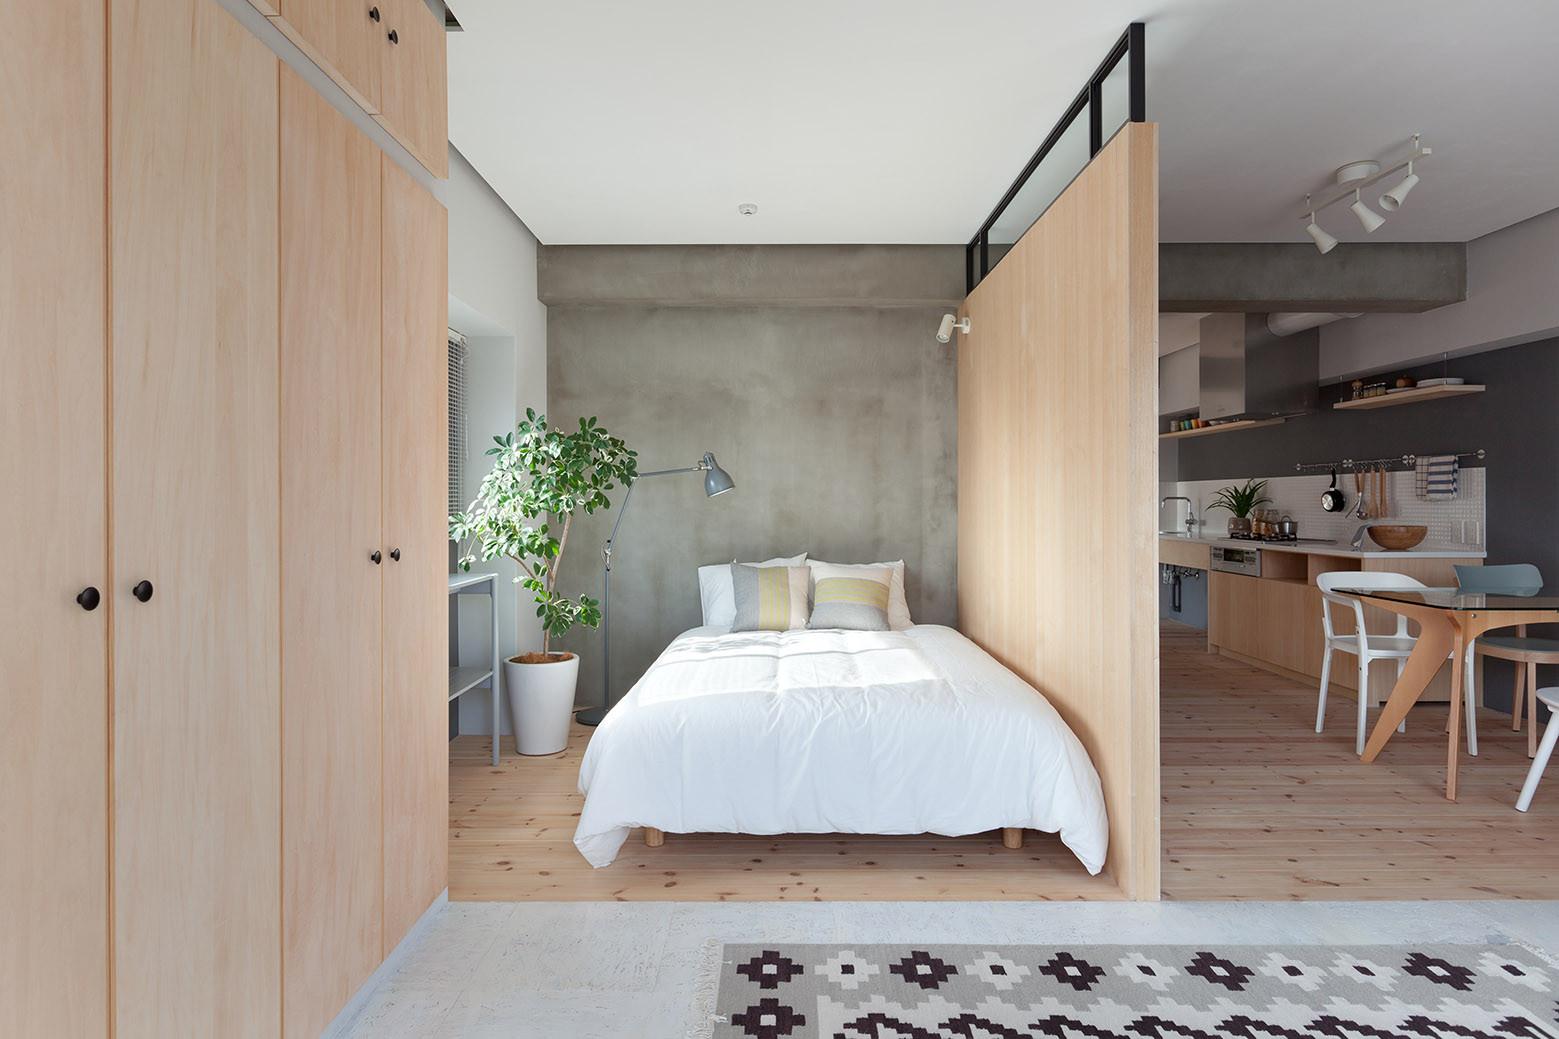 Thăm căn hộ 59 m2 có tới 3 phòng ngủ